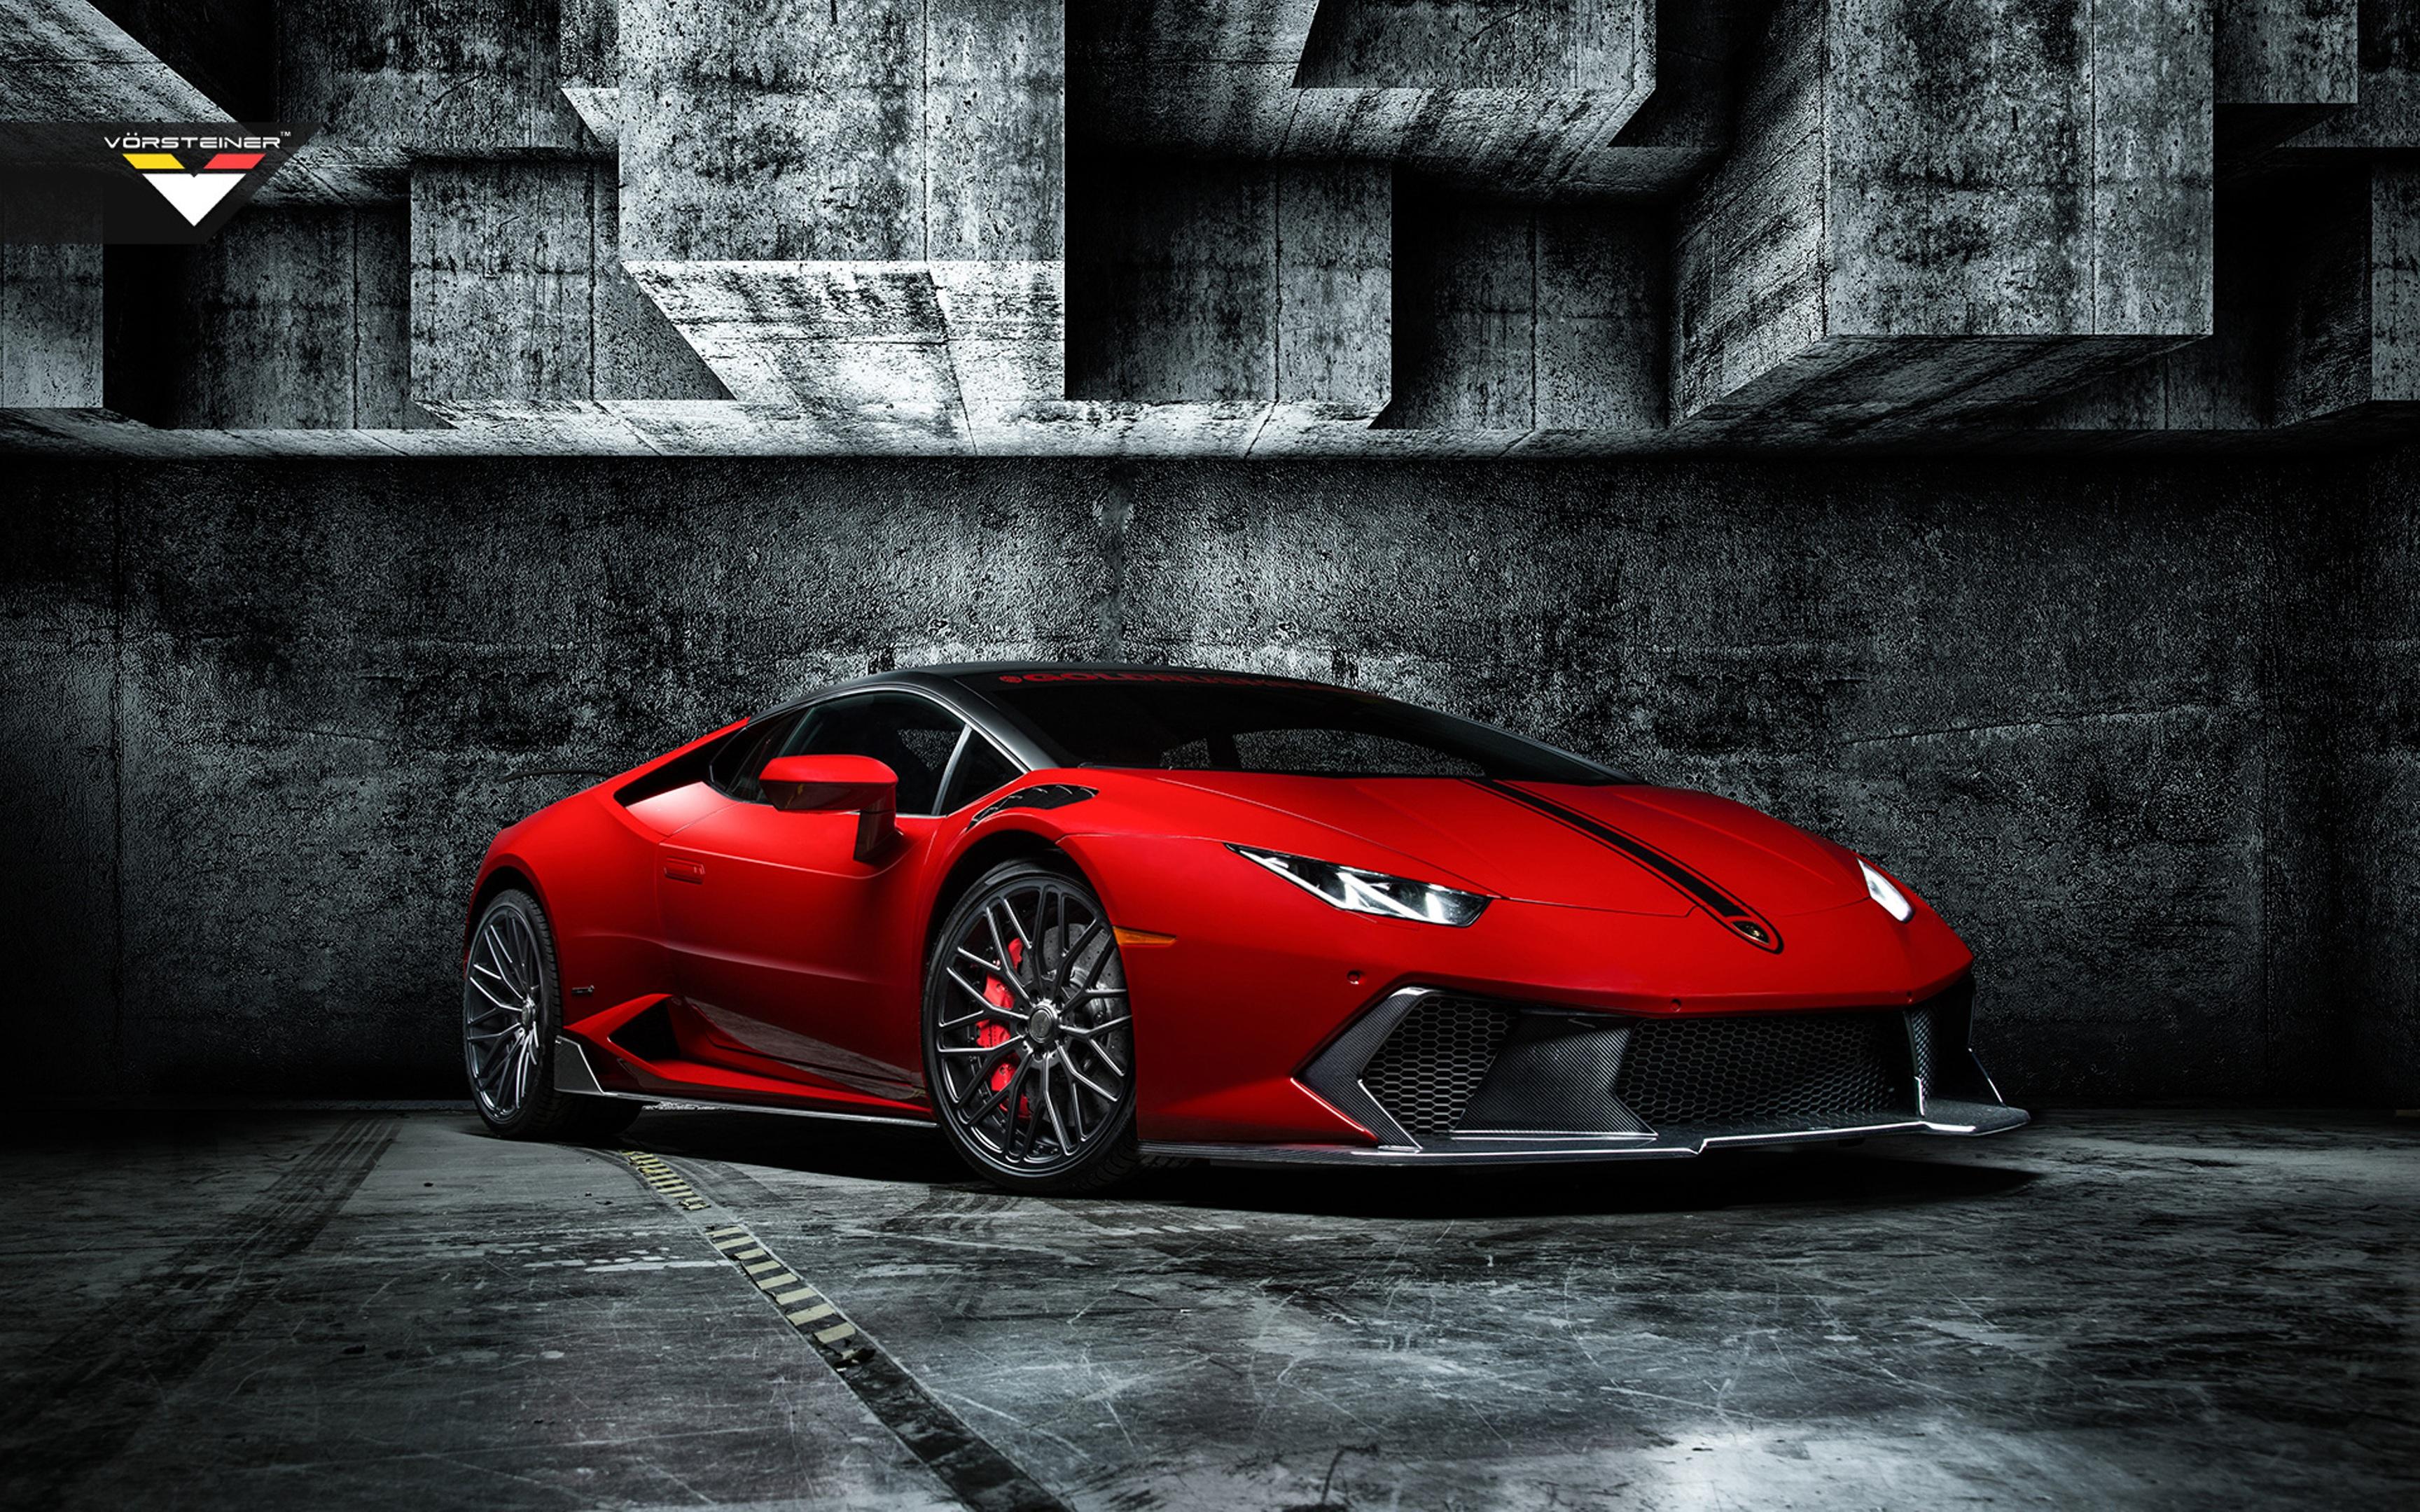 Red Lamborghini Huracan 4k, HD Cars, 4k Wallpapers, Images ...